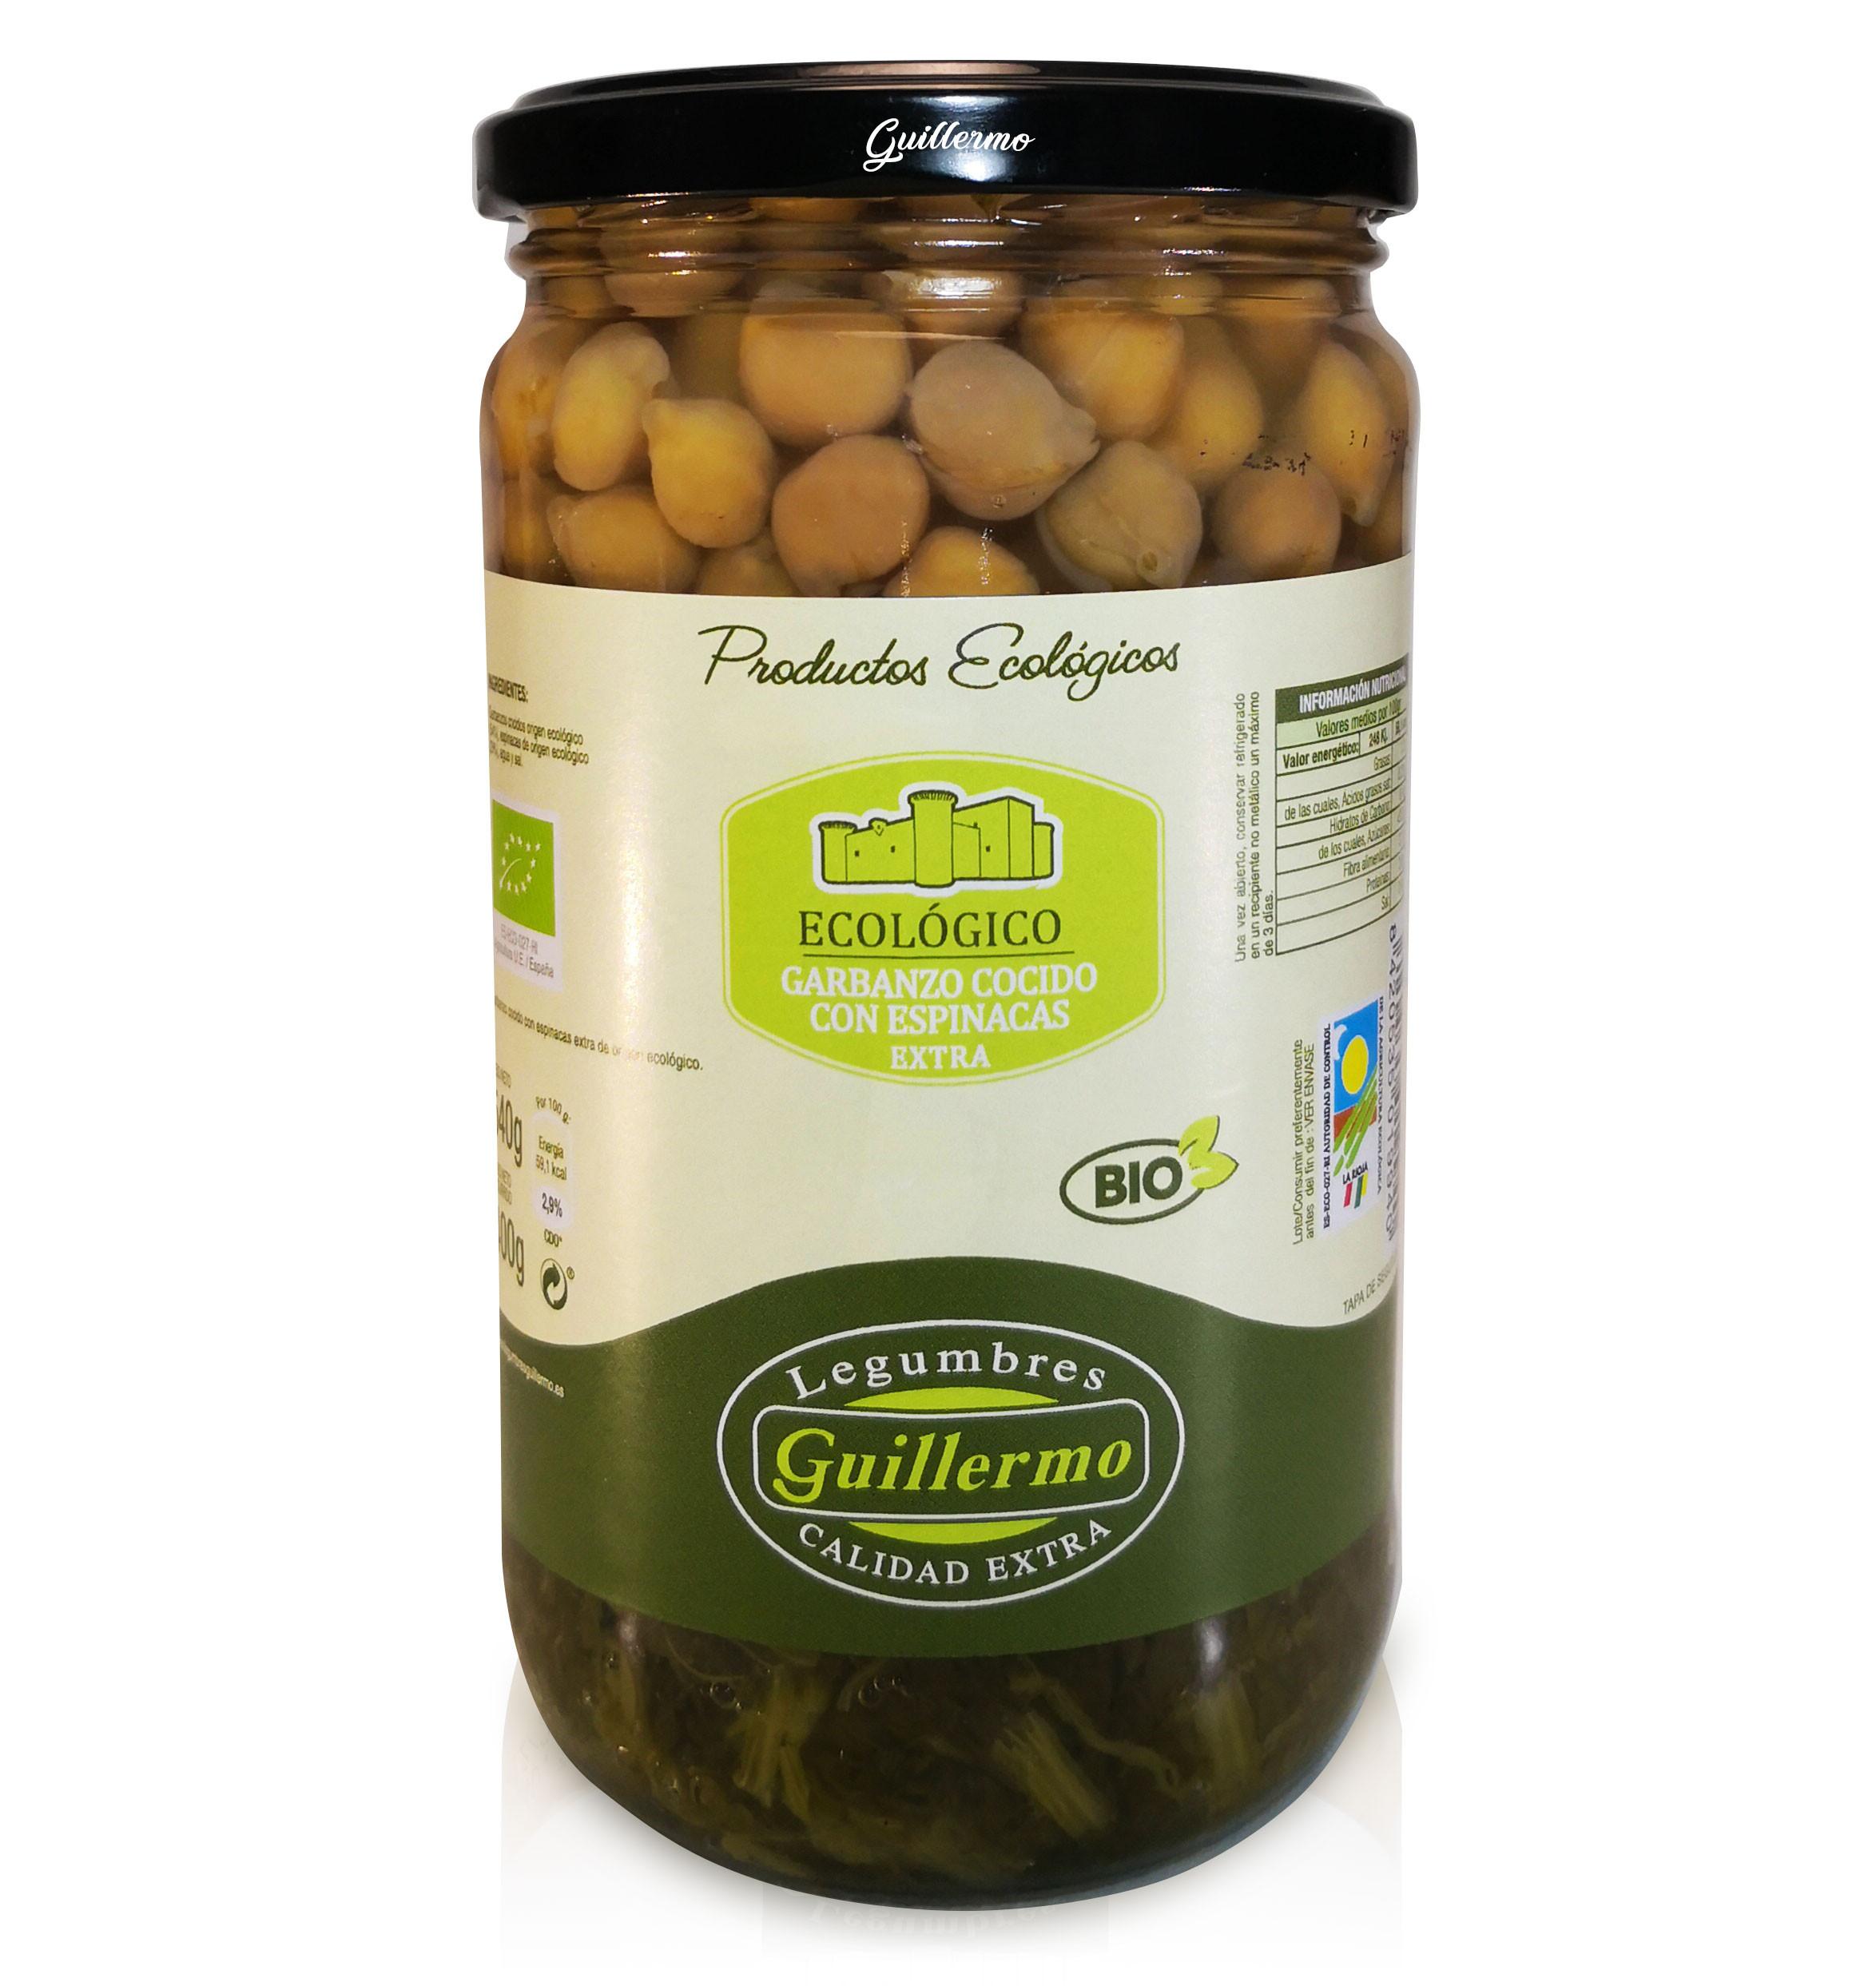 Guillermo Garbanzos Cocidos con Alga Kombu y Verduras Ecológicos BIO Categoría Extra Conserva Tarro 540gr